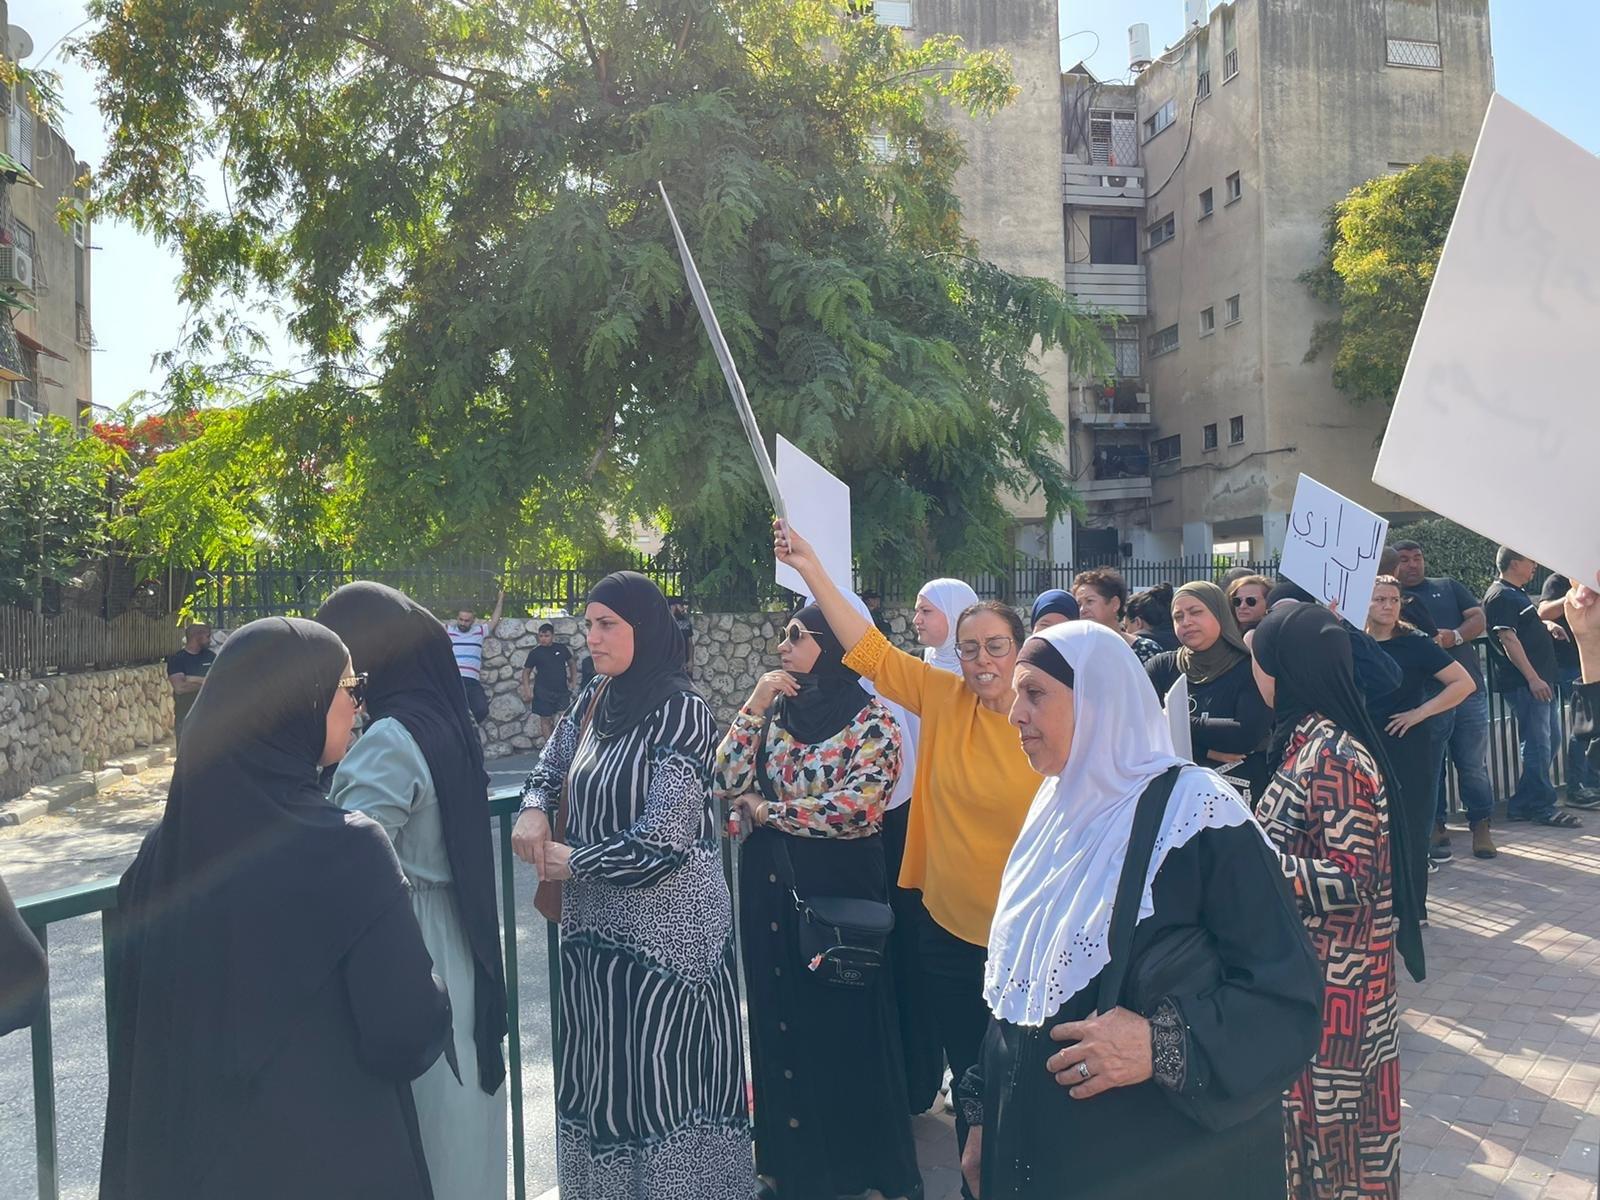 اللد: أهال يتظاهرون ضد محاولات النواة التوراتية والبلدية السيطرة على ساحة مدرسة عربية!-1